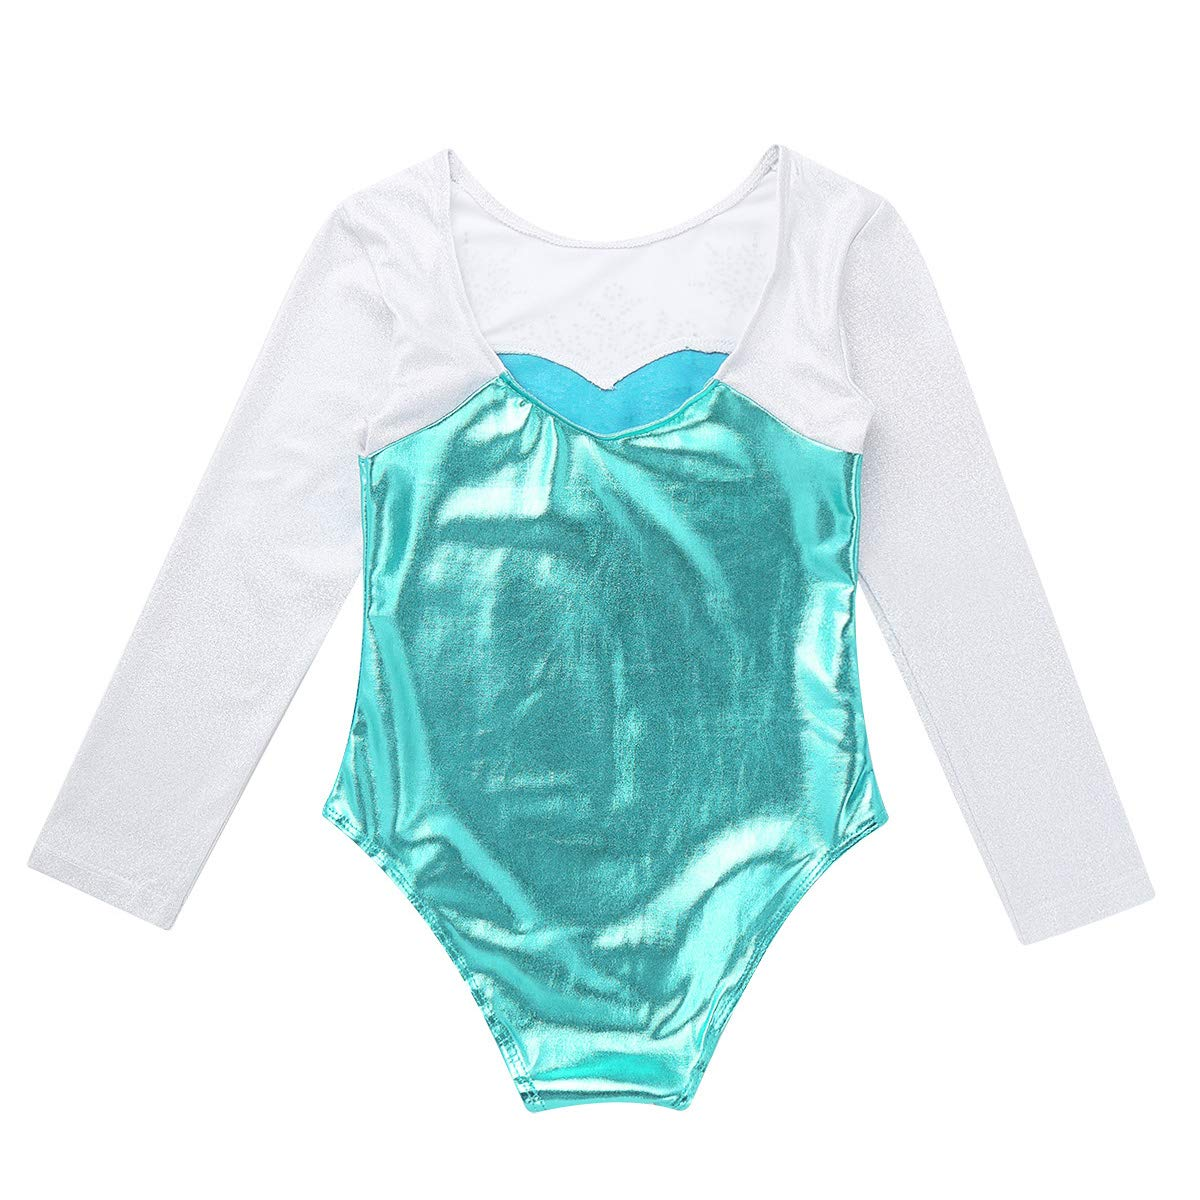 Enfant Garçon Fille Danse Déguisement Brillant Paillettes et dentelle jazz gymnastique Dancewear Costume